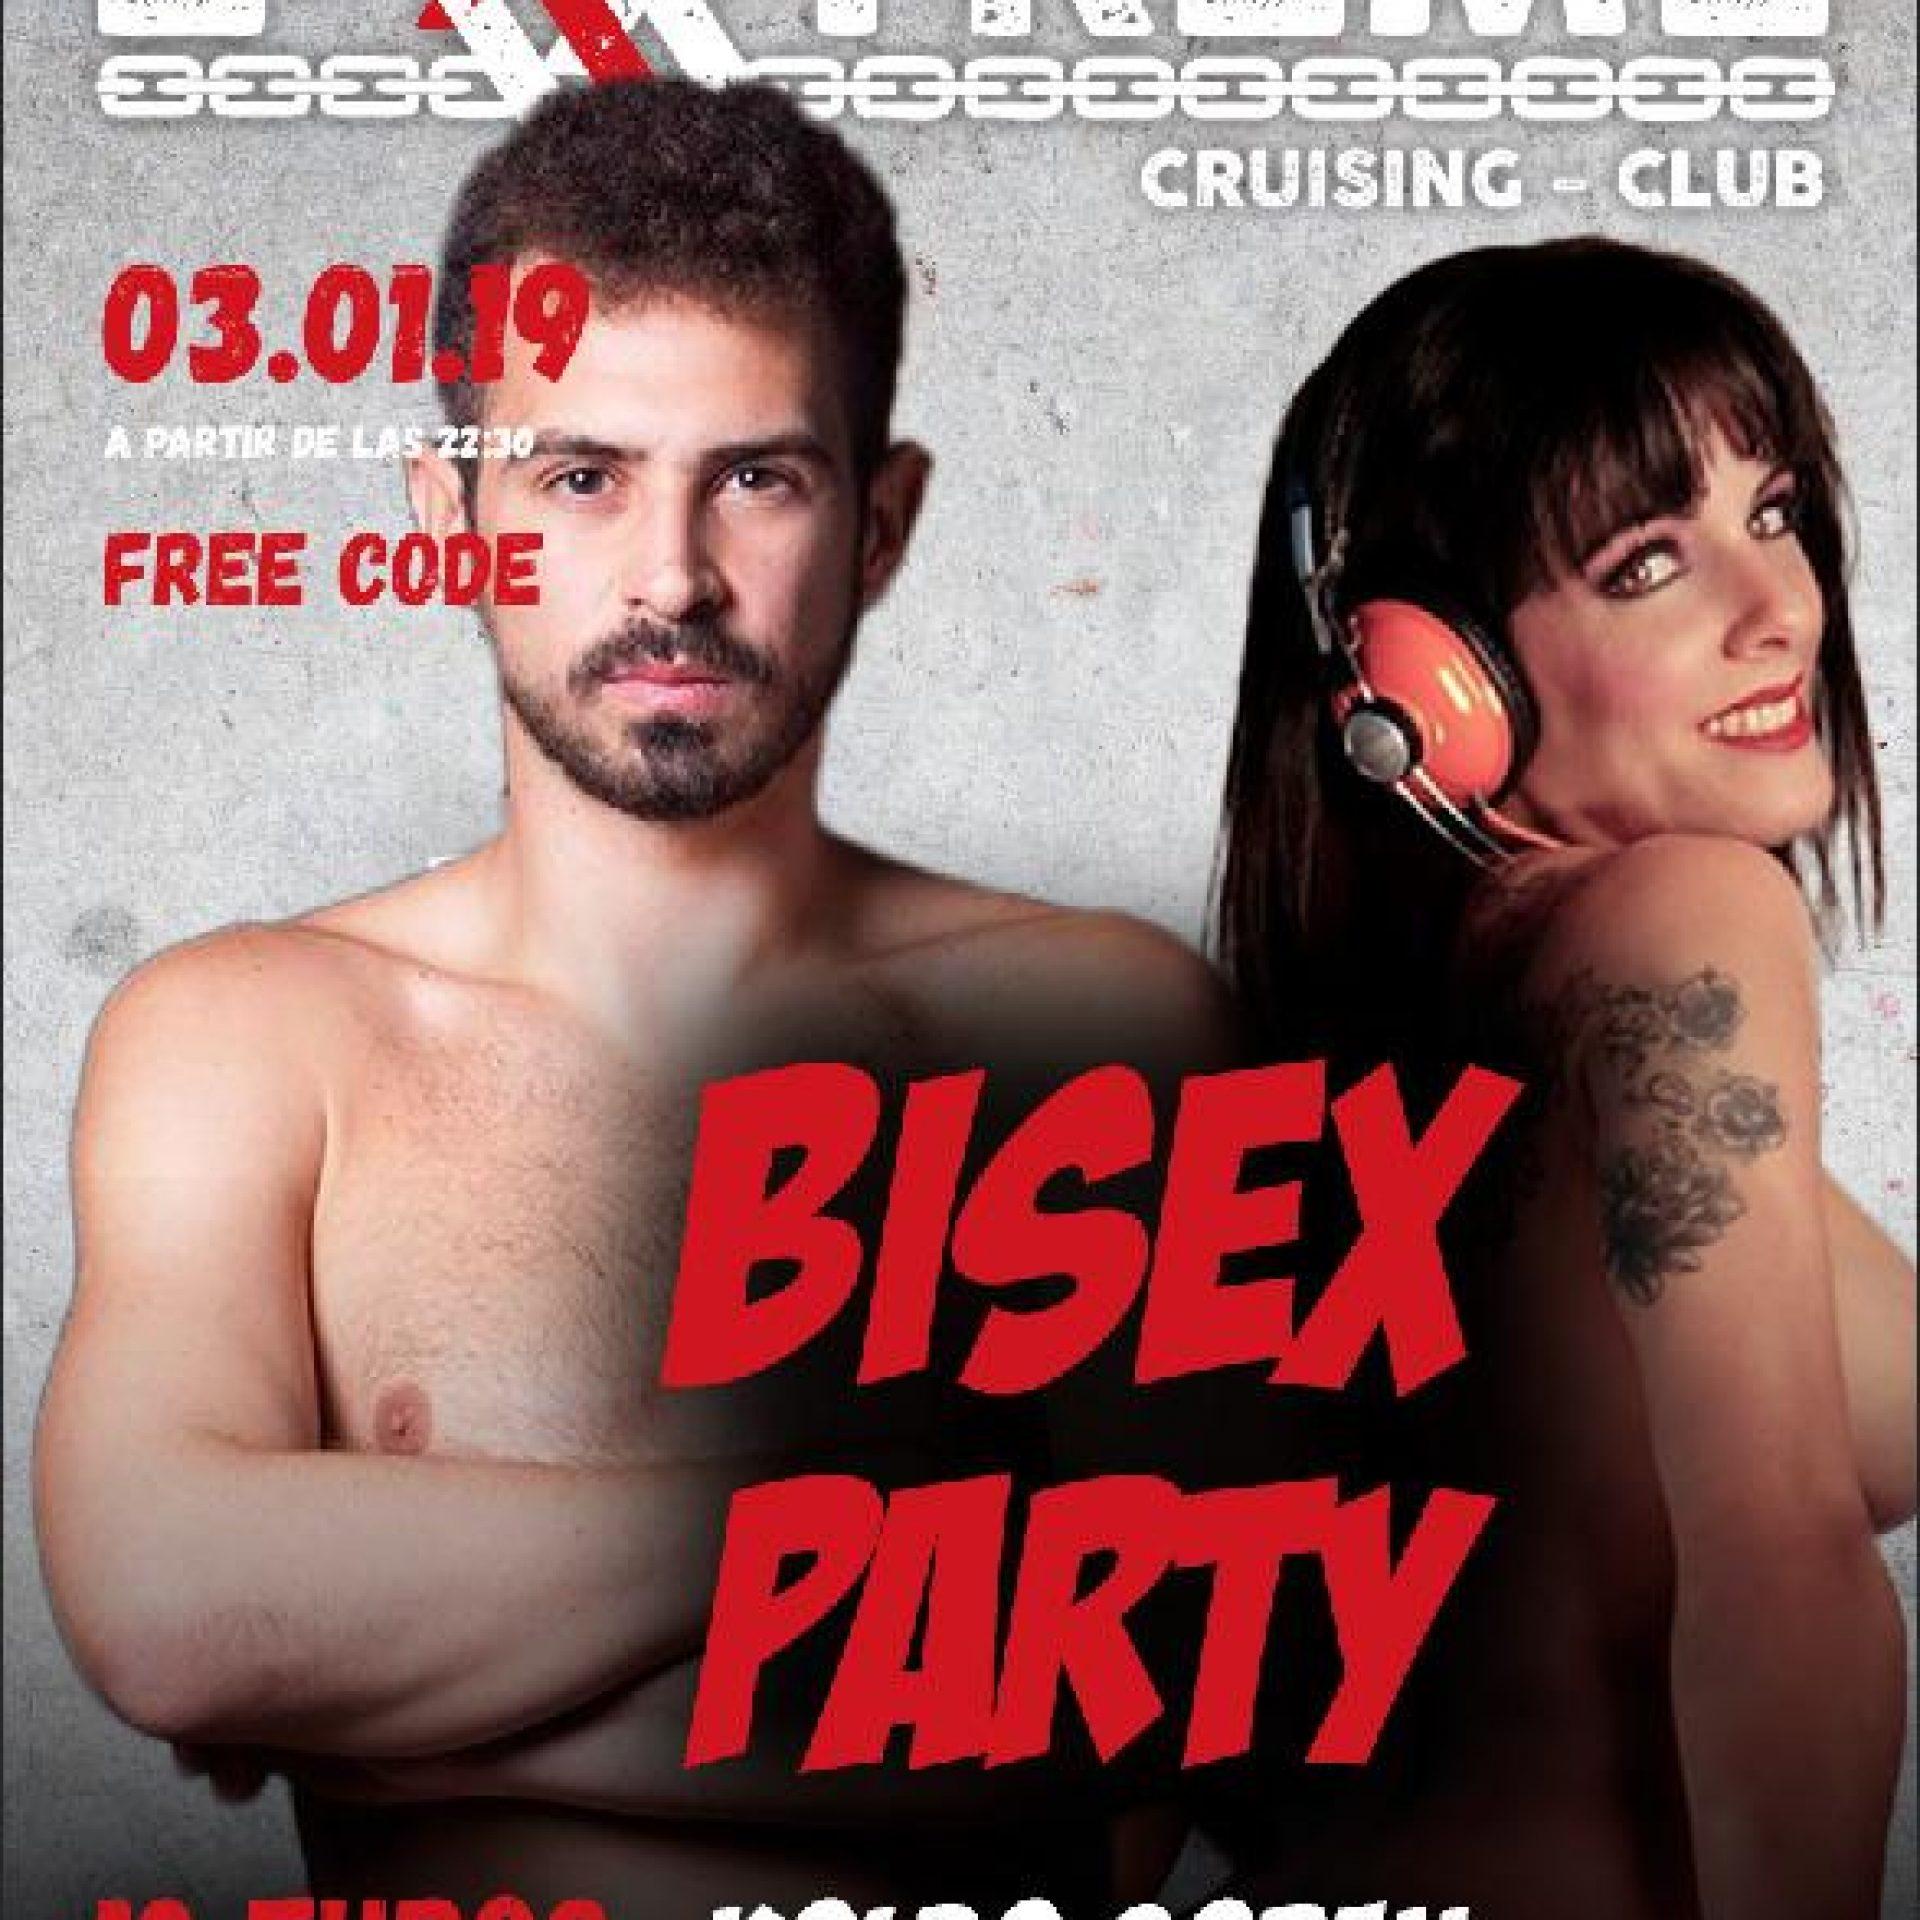 Bisex party 3 enero en EXXXTREME